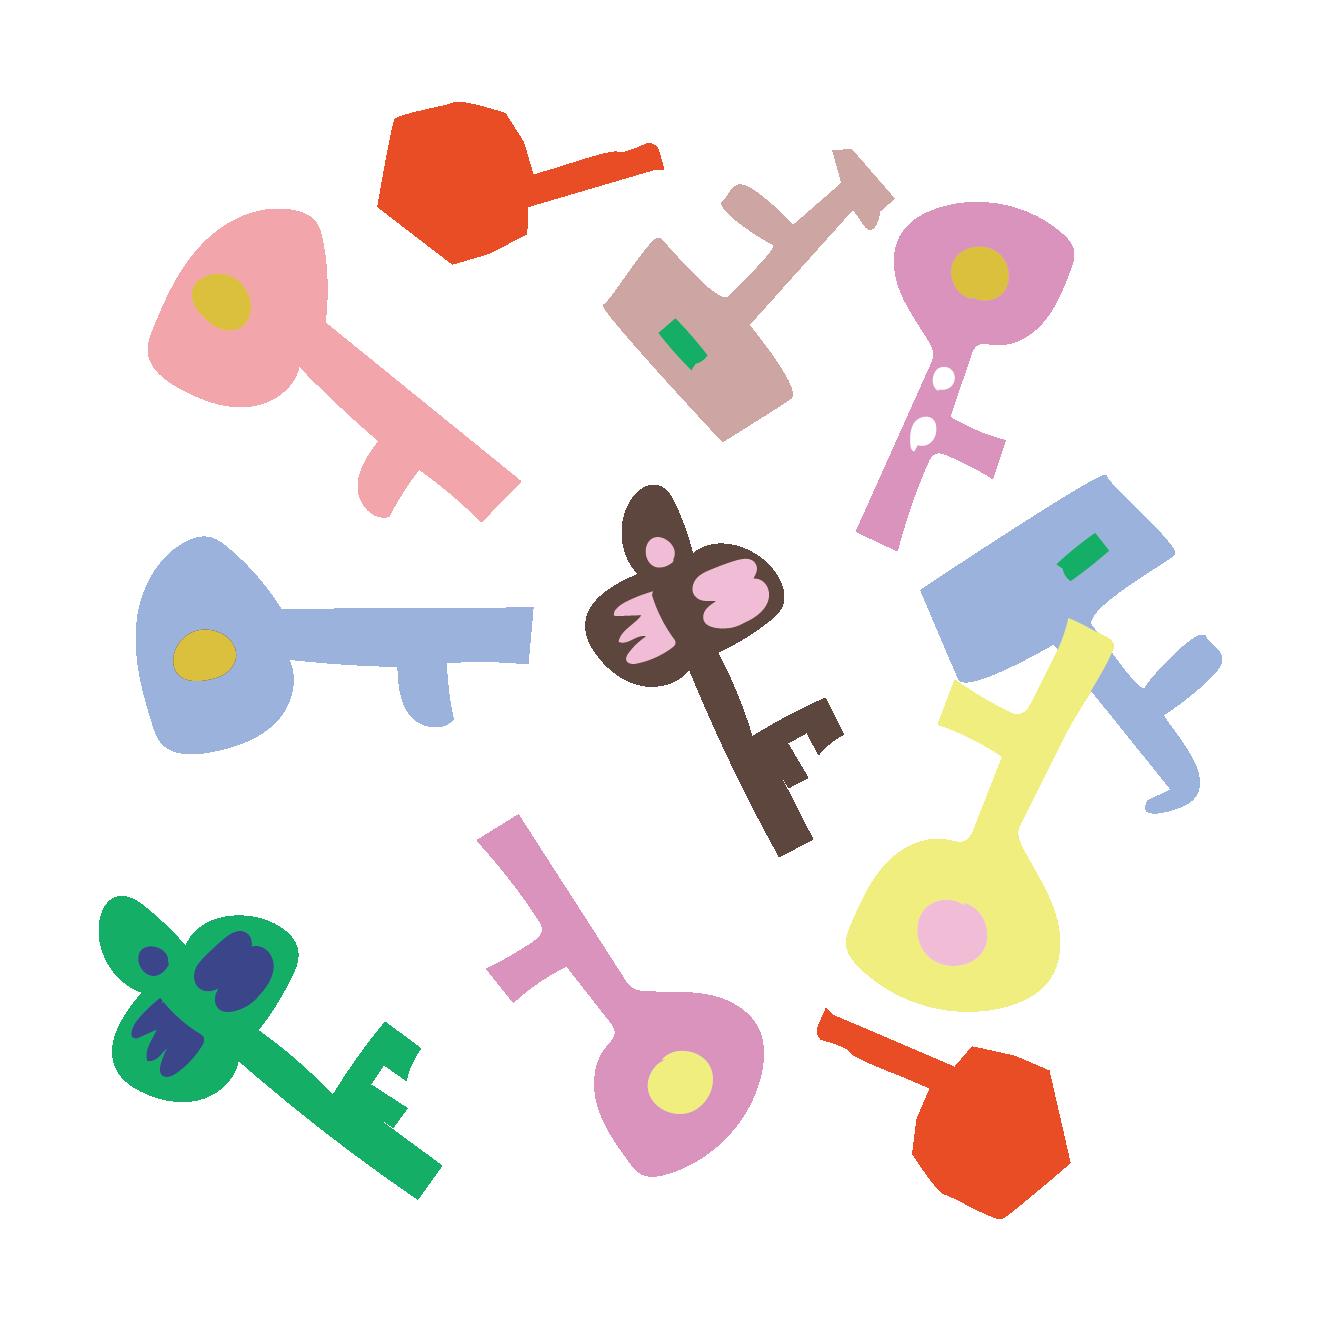 オシャレな鍵(カギ・key)柄のイラスト | 商用フリー(無料)のイラスト